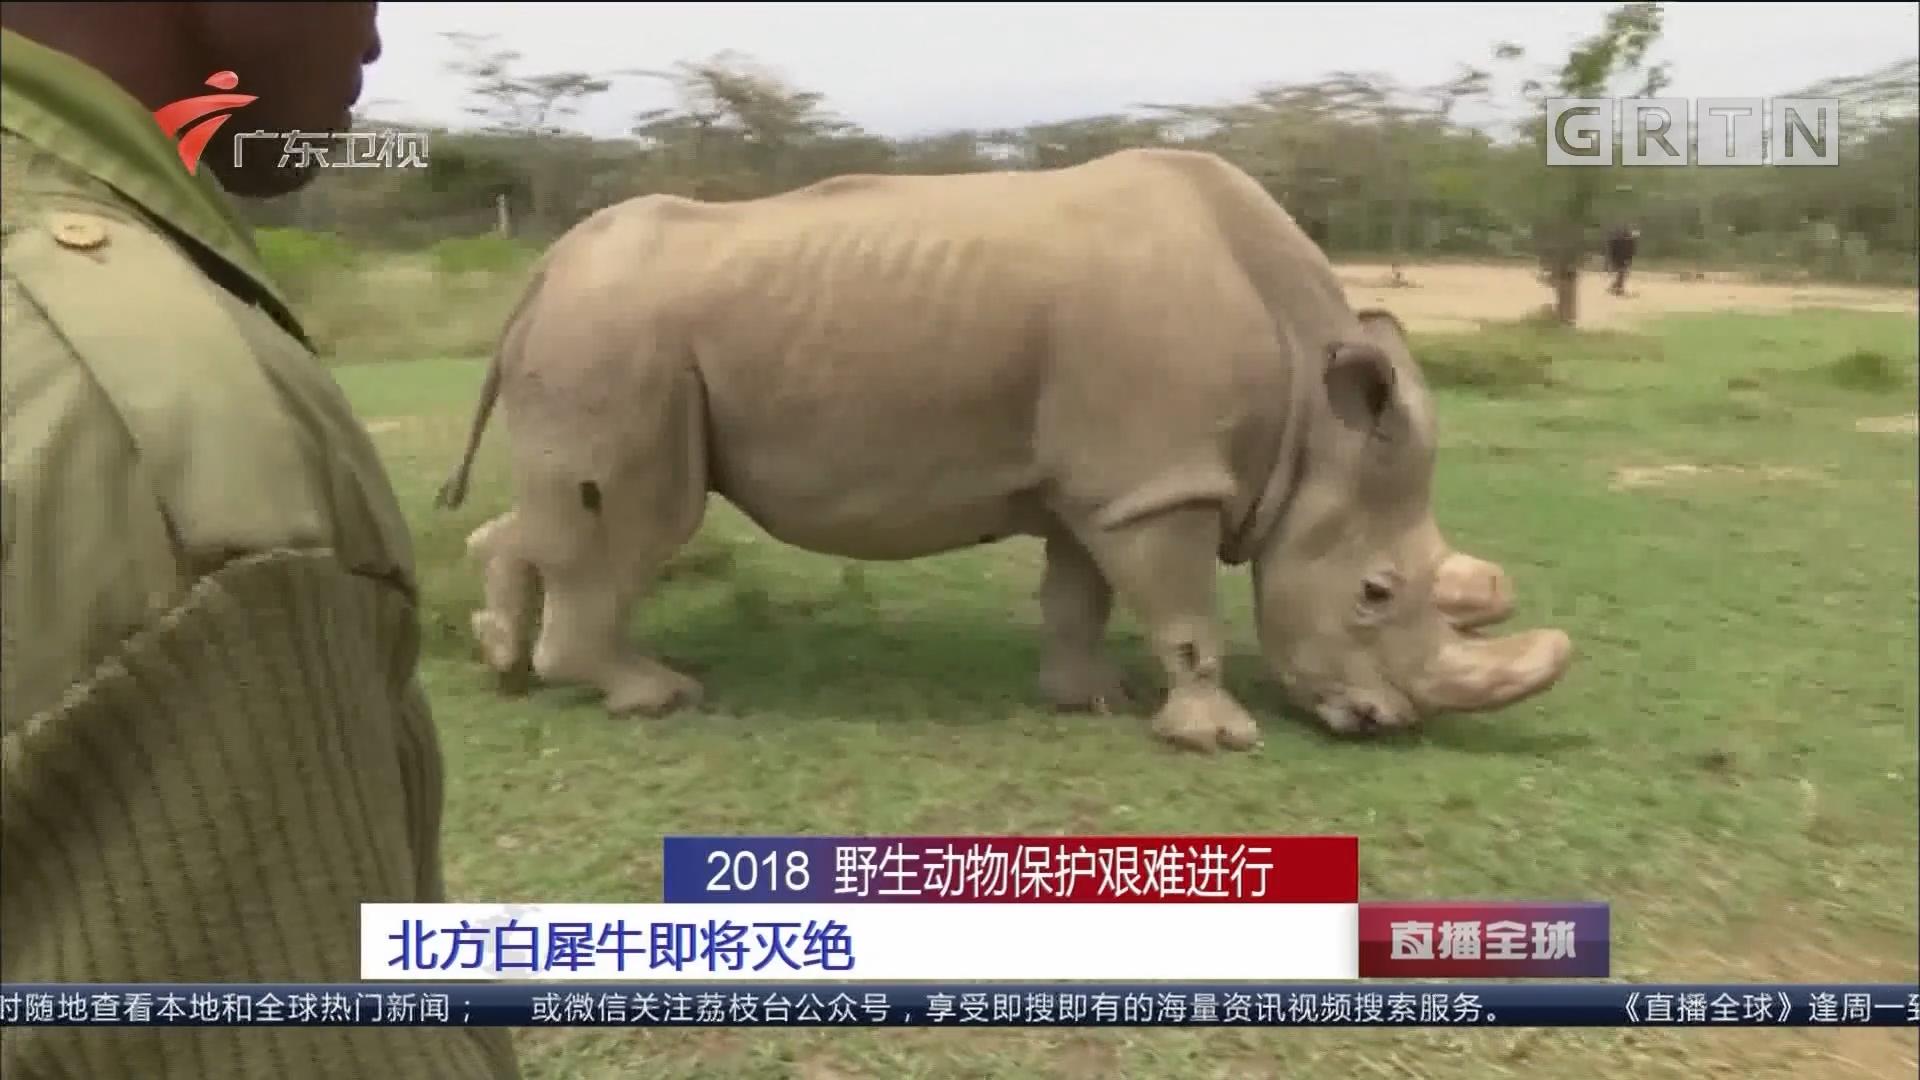 2018 野生动物保护艰难进行:北方白犀牛即将灭绝